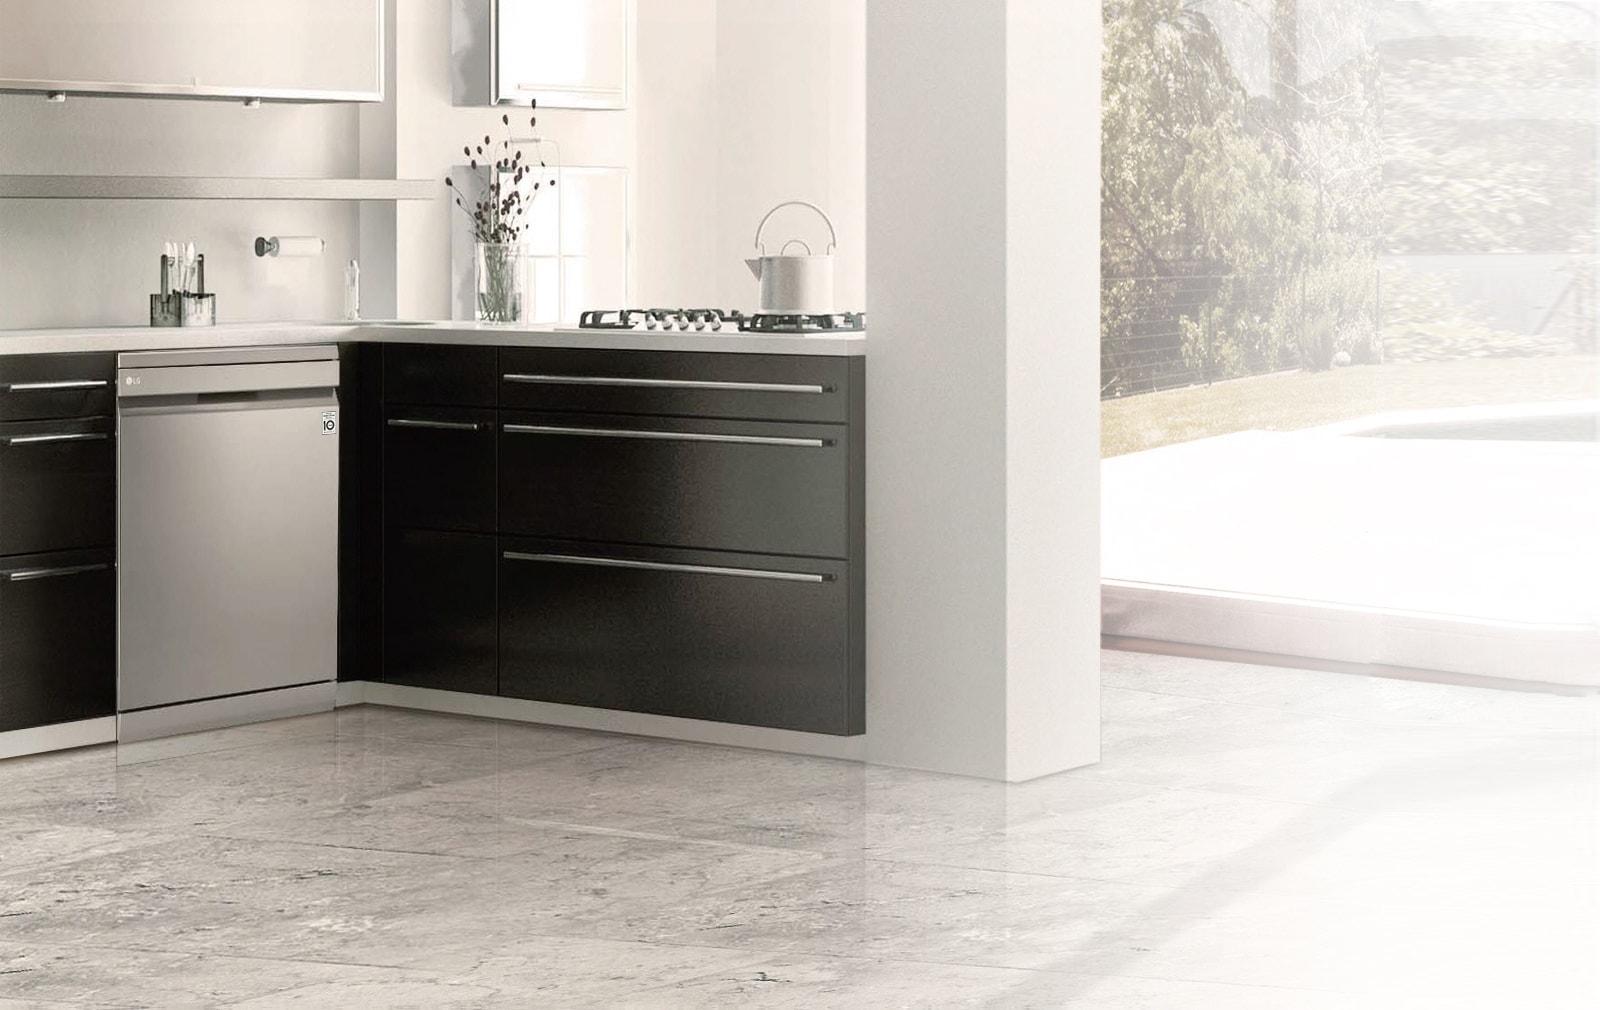 Améliorez l'apparence de votre cuisine